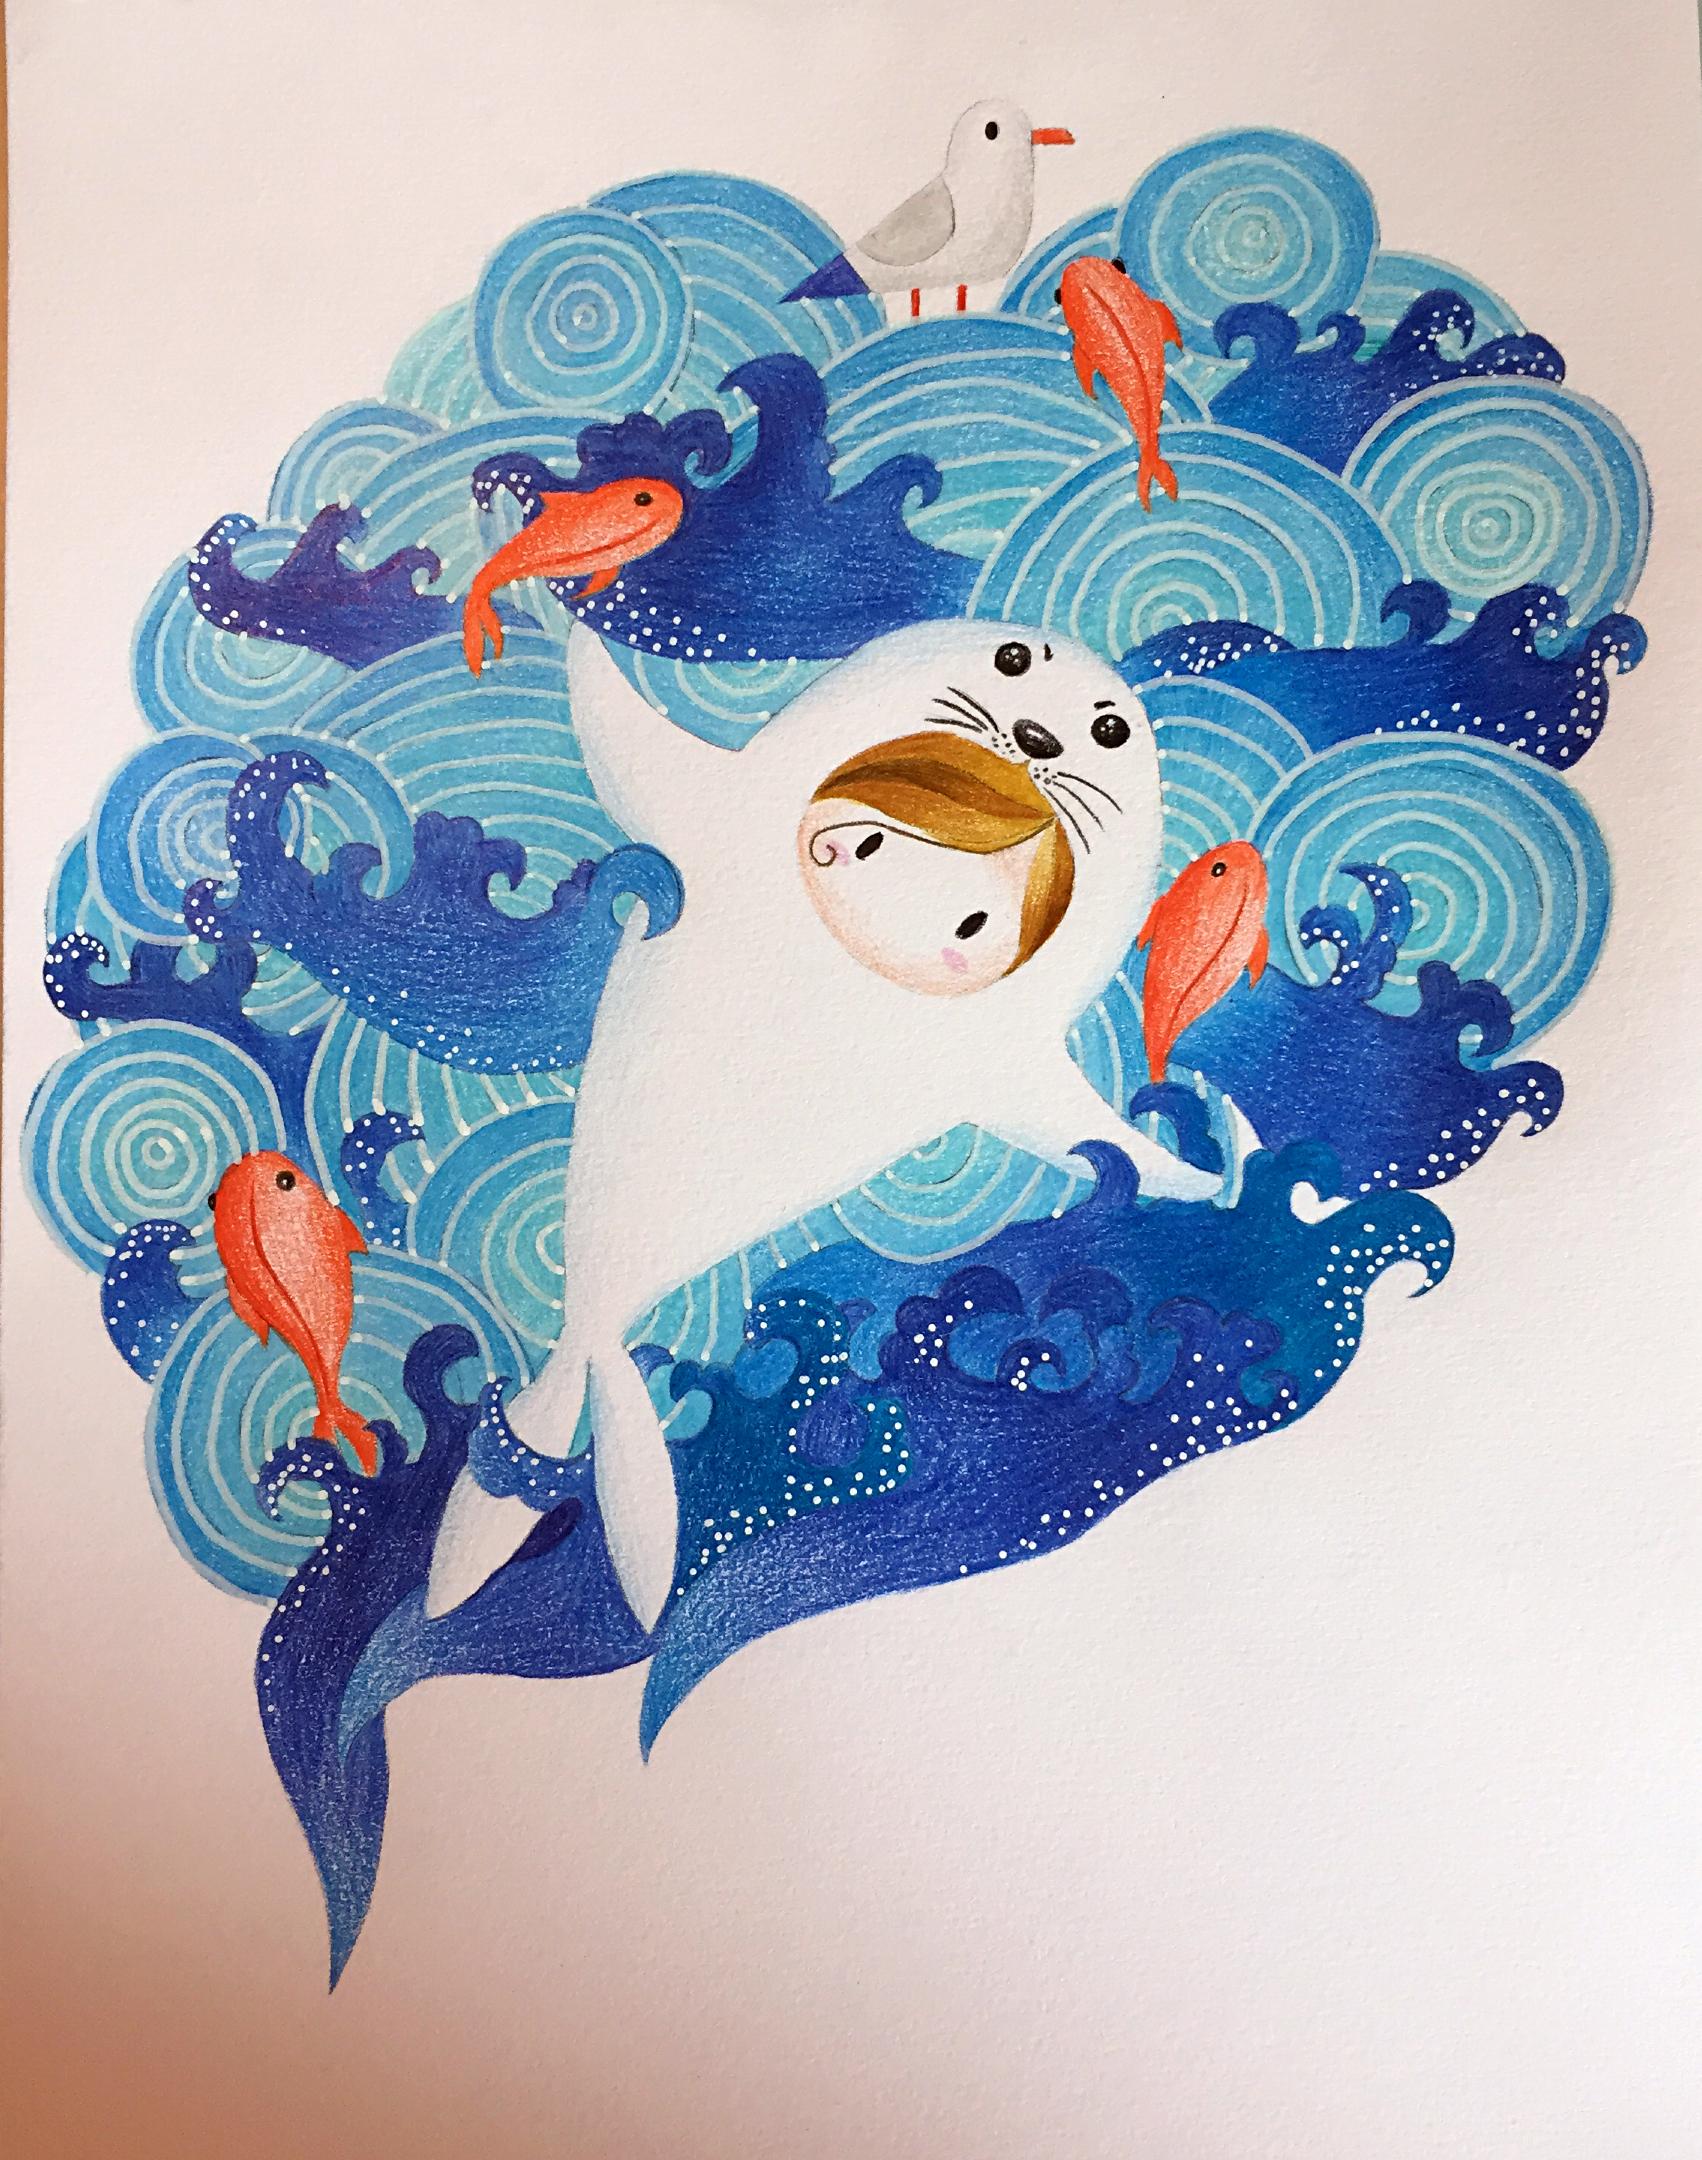 手绘彩铅画《冲浪里的小海豹》